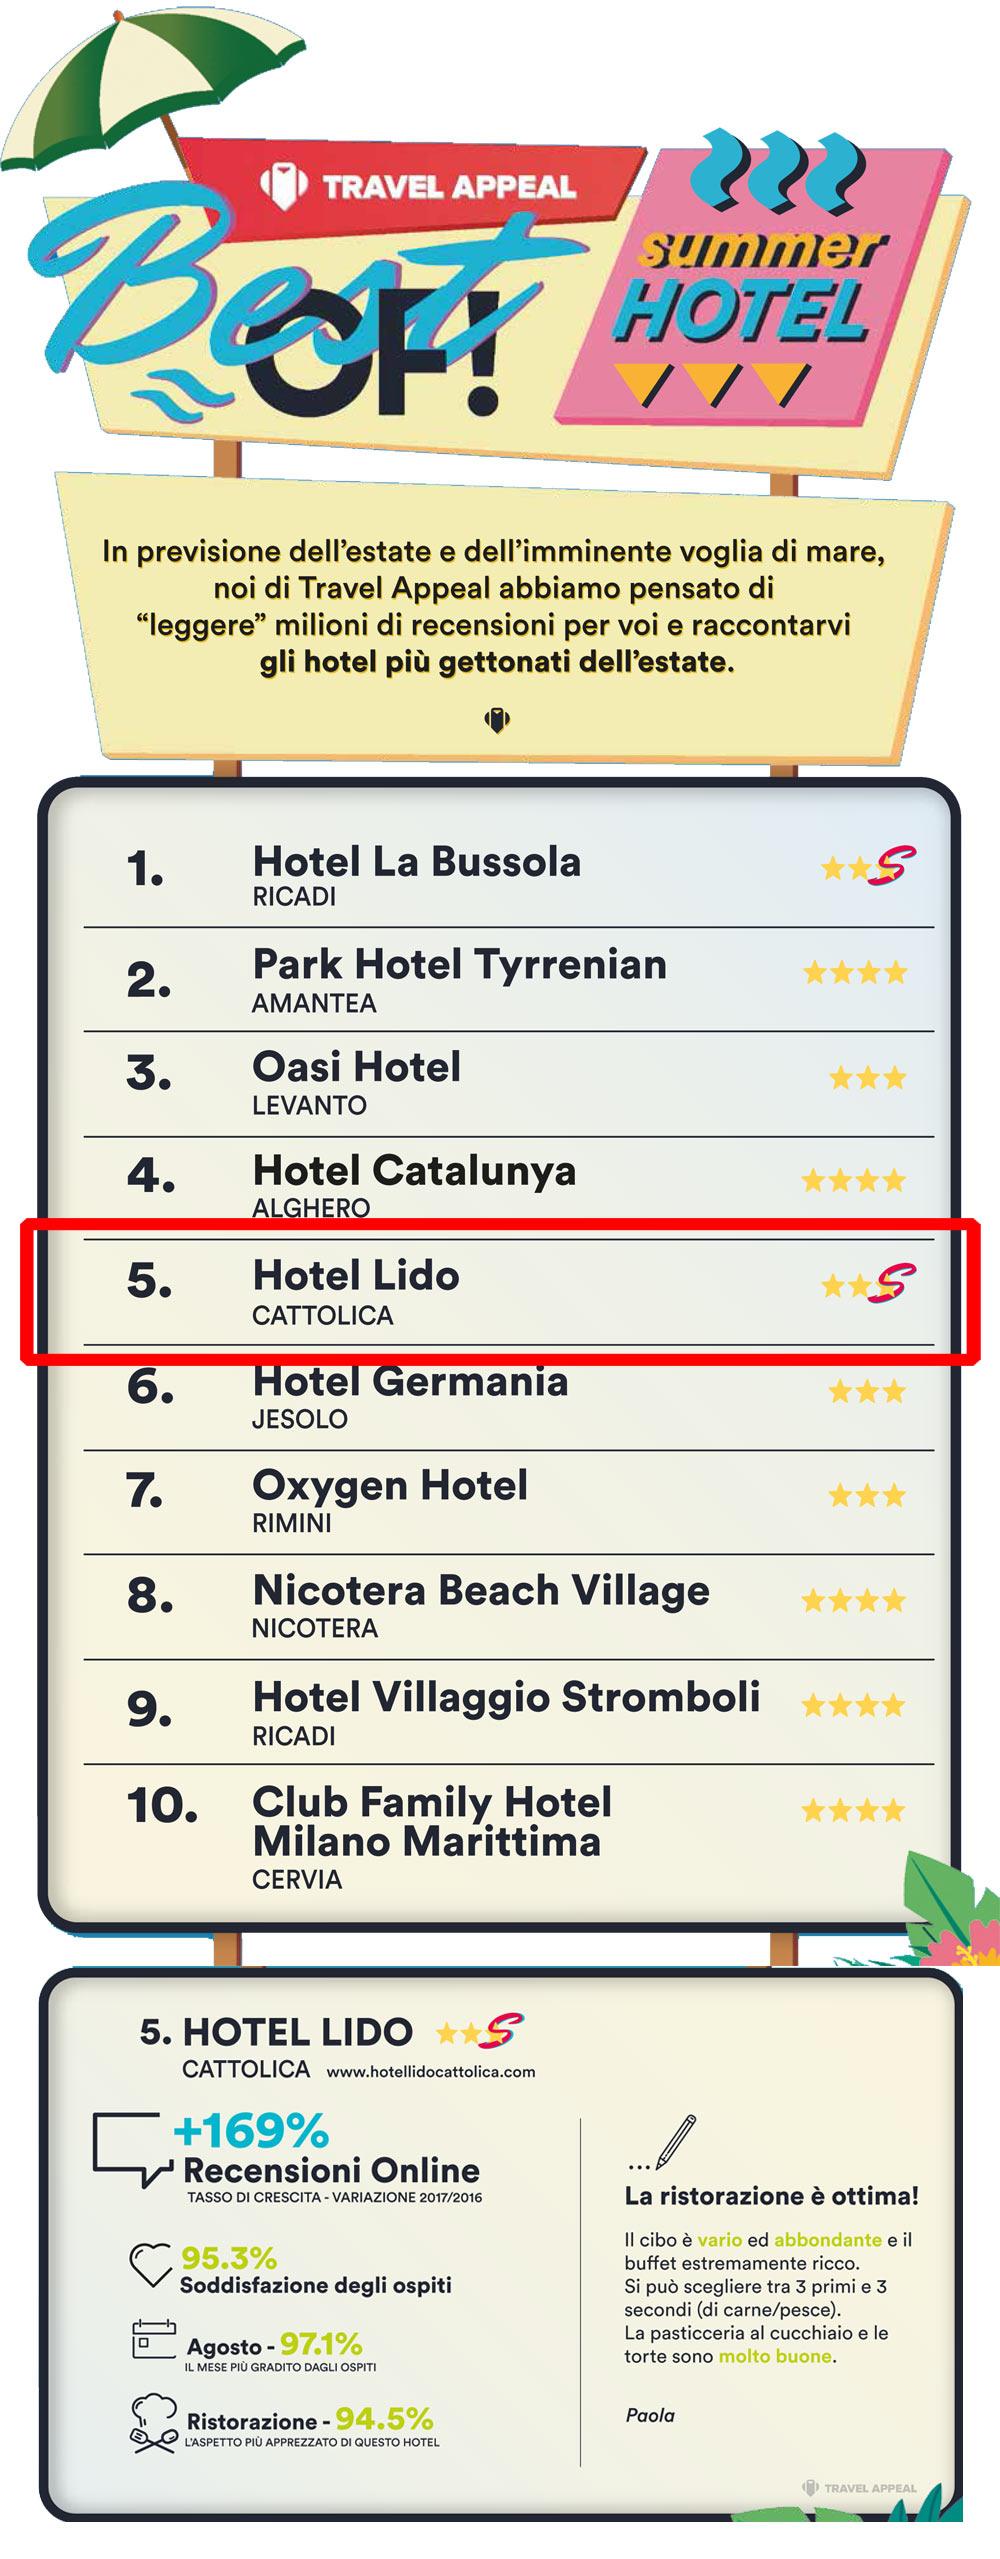 Hotel Cattolica 3 stelle: albergo sul mare con piscina | Hotel Lido